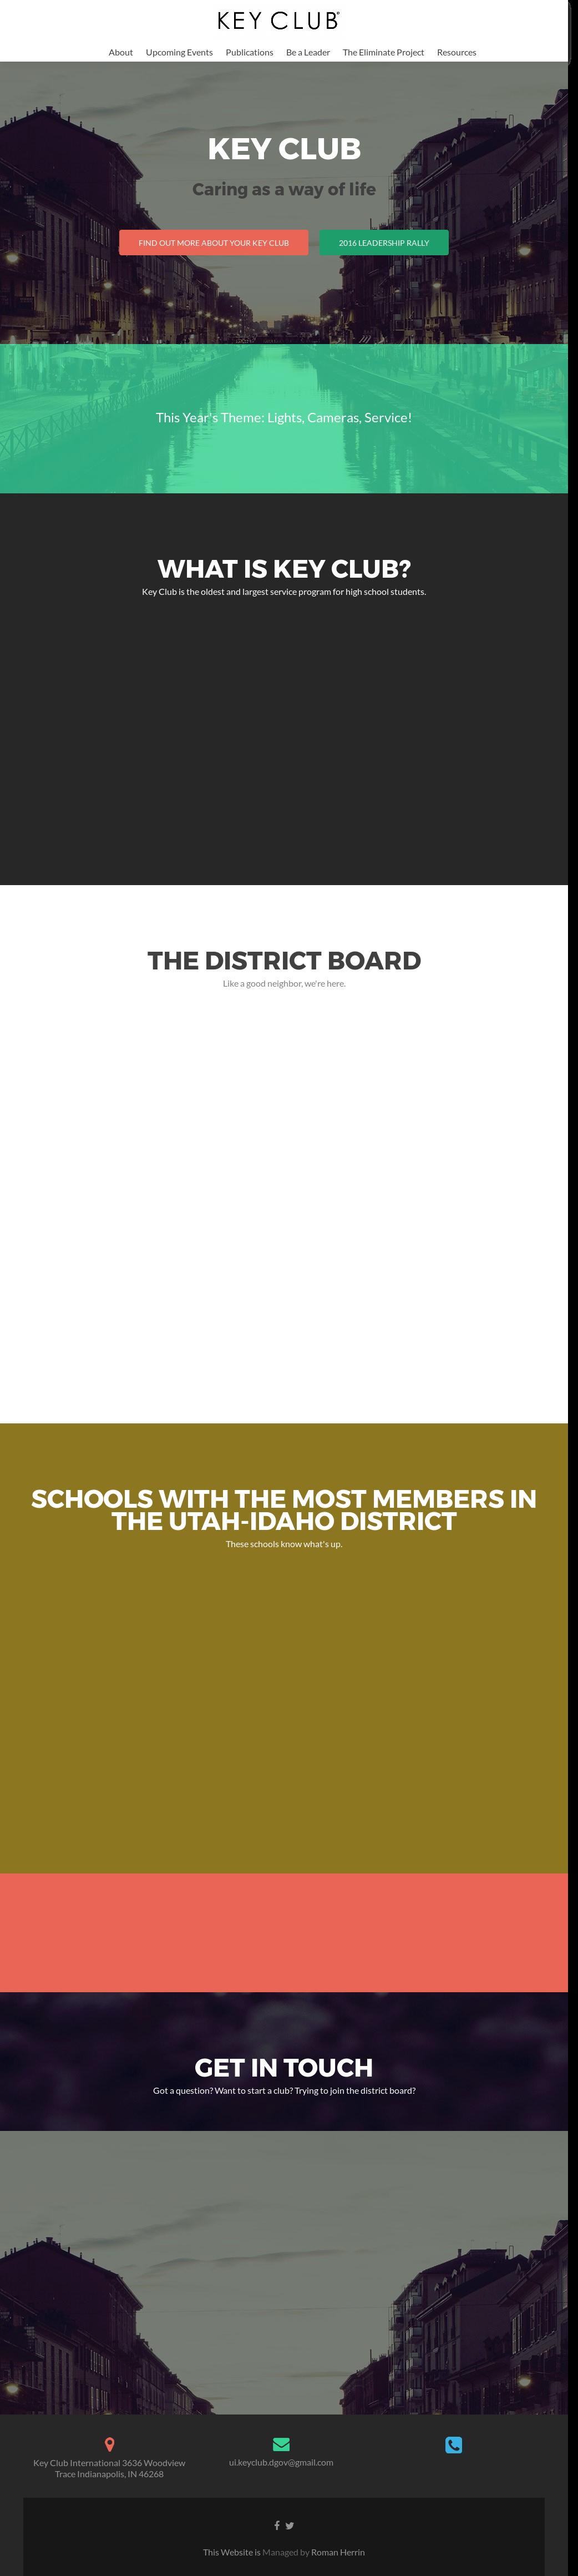 Utah-idaho District Of Key Club International Competitors, Revenue